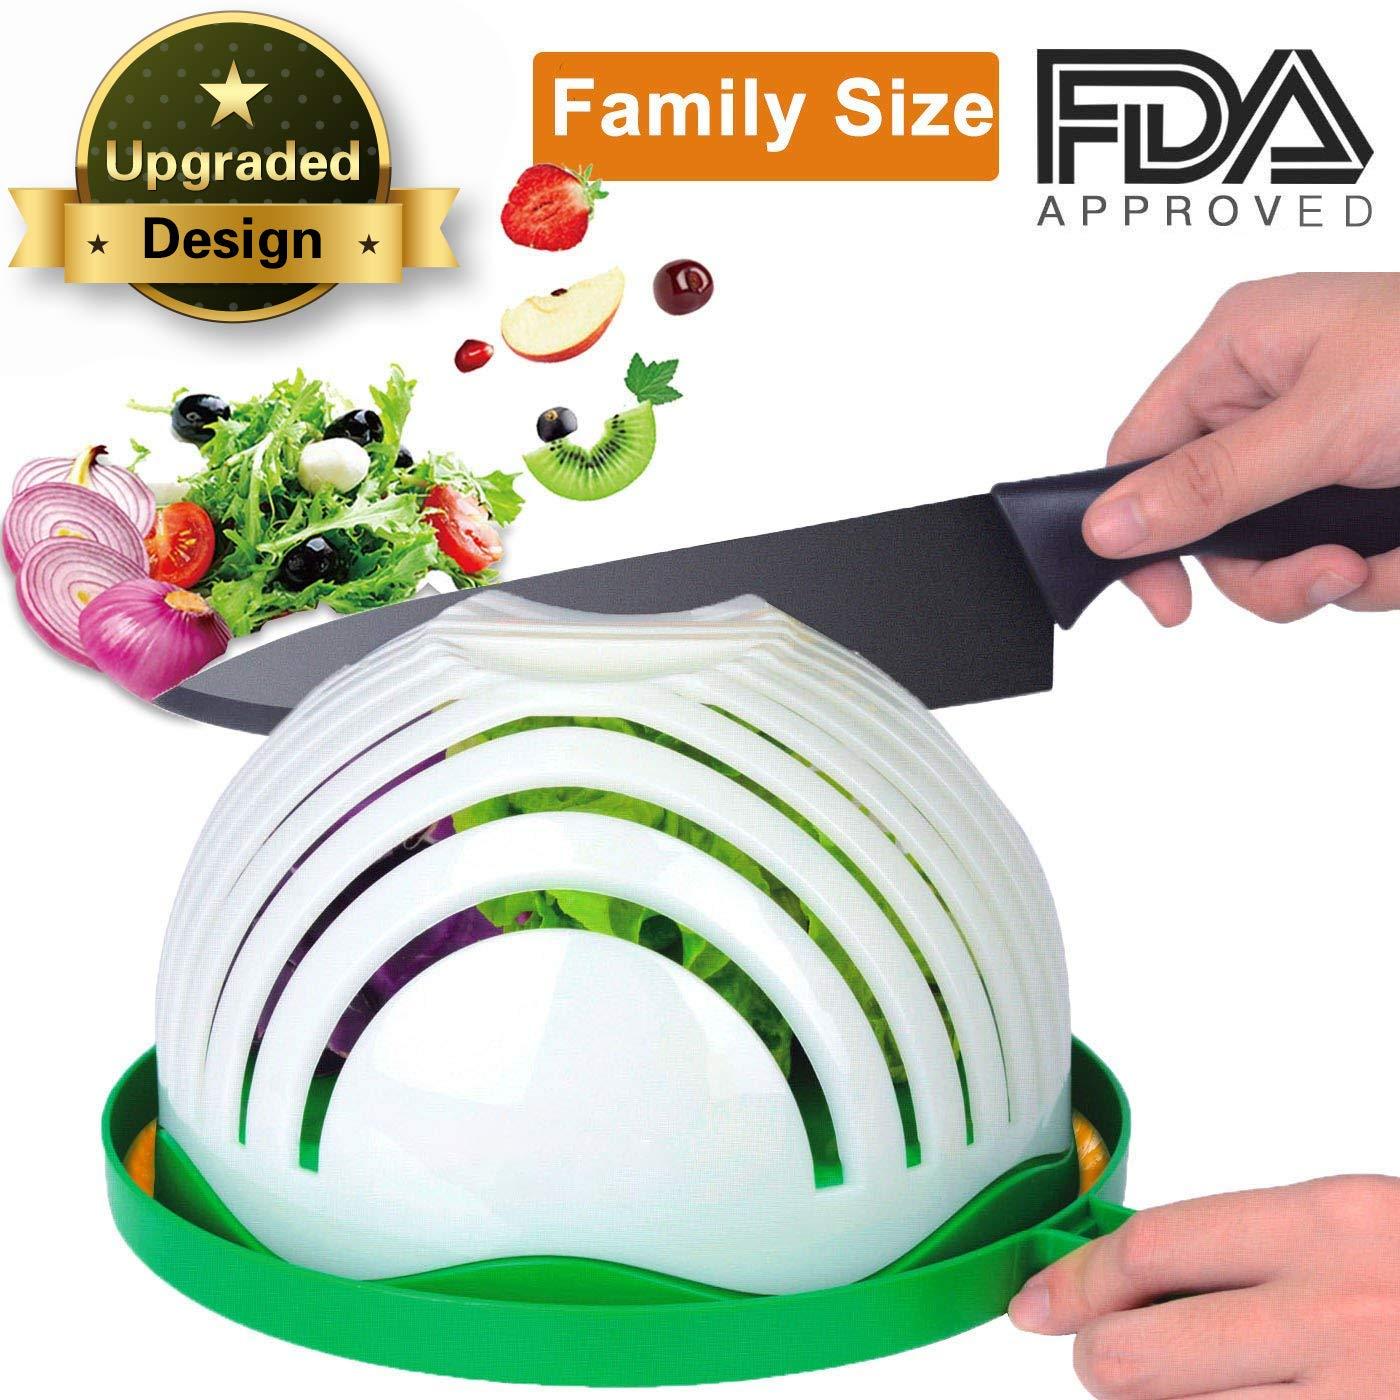 Salad Cutter Bowl, AngLink Salad Chopper Bowl 60 Seconds Salad Maker Family-Sized All in One for Kitchen Fast Fruit Vegetable Salad Slicer